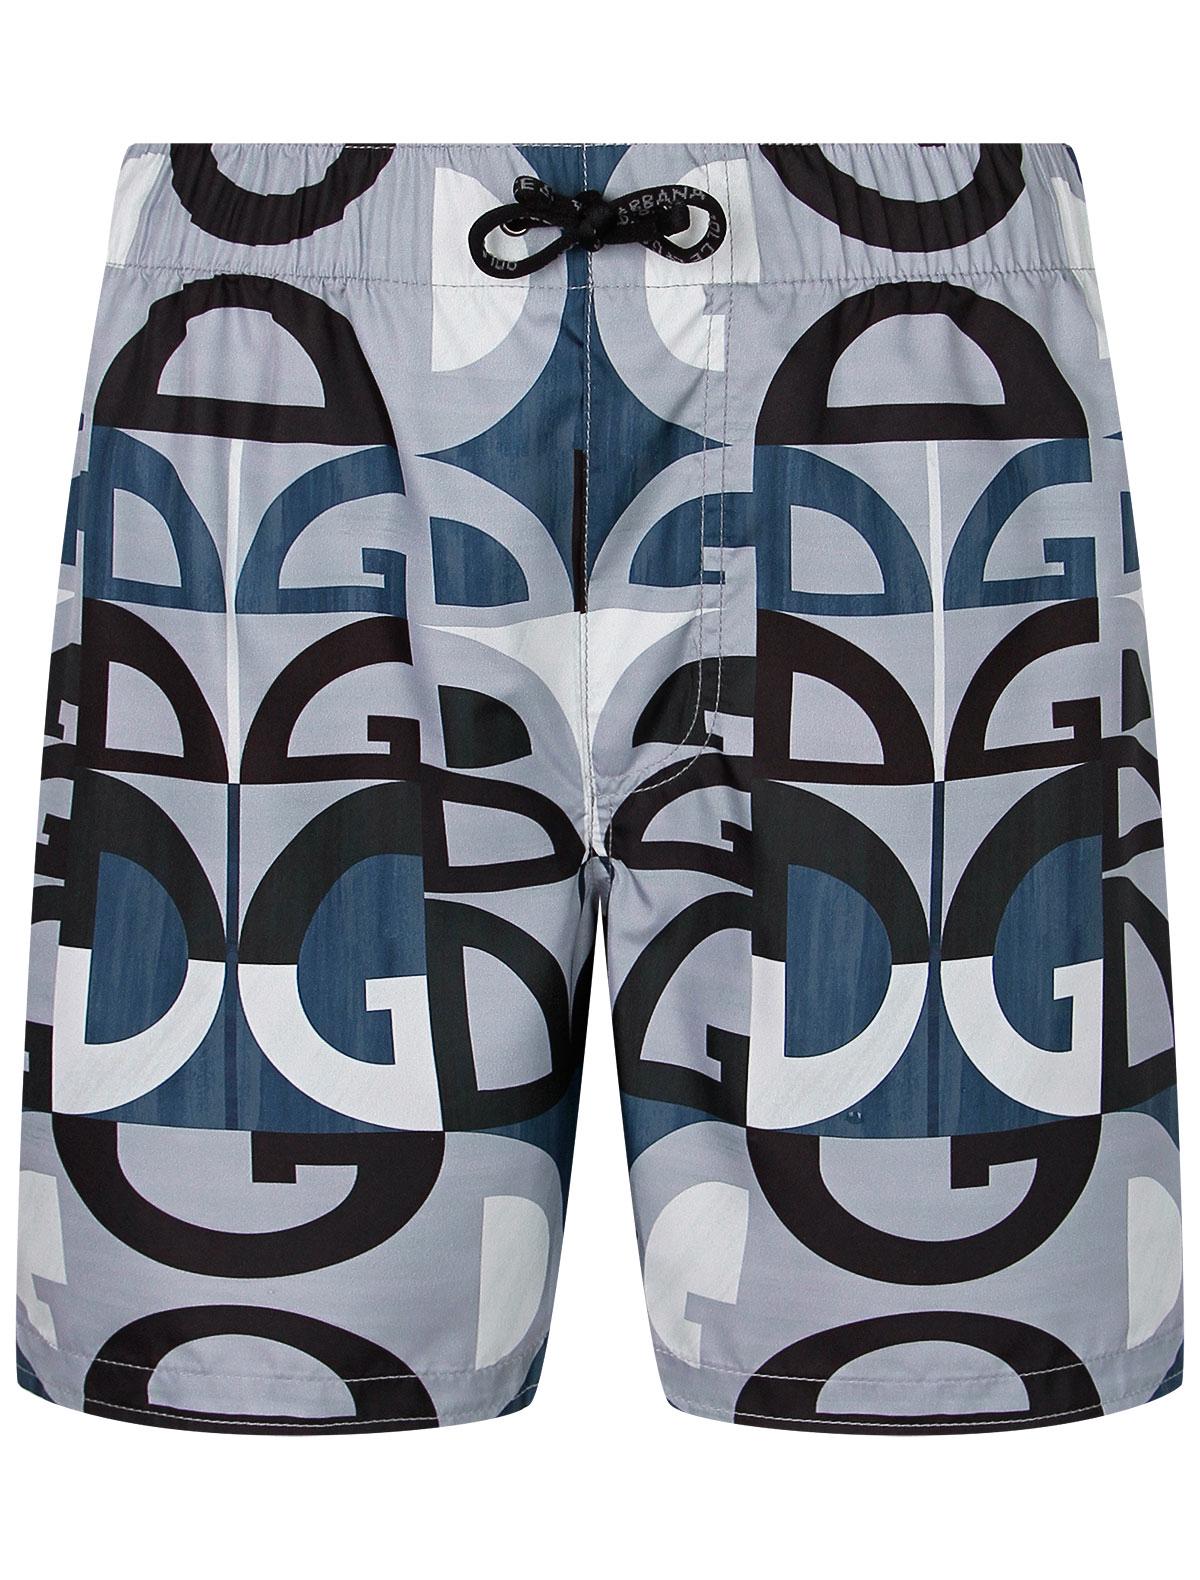 Купить 2302906, Шорты пляжные Dolce & Gabbana, серый, Мужской, 4104519171322